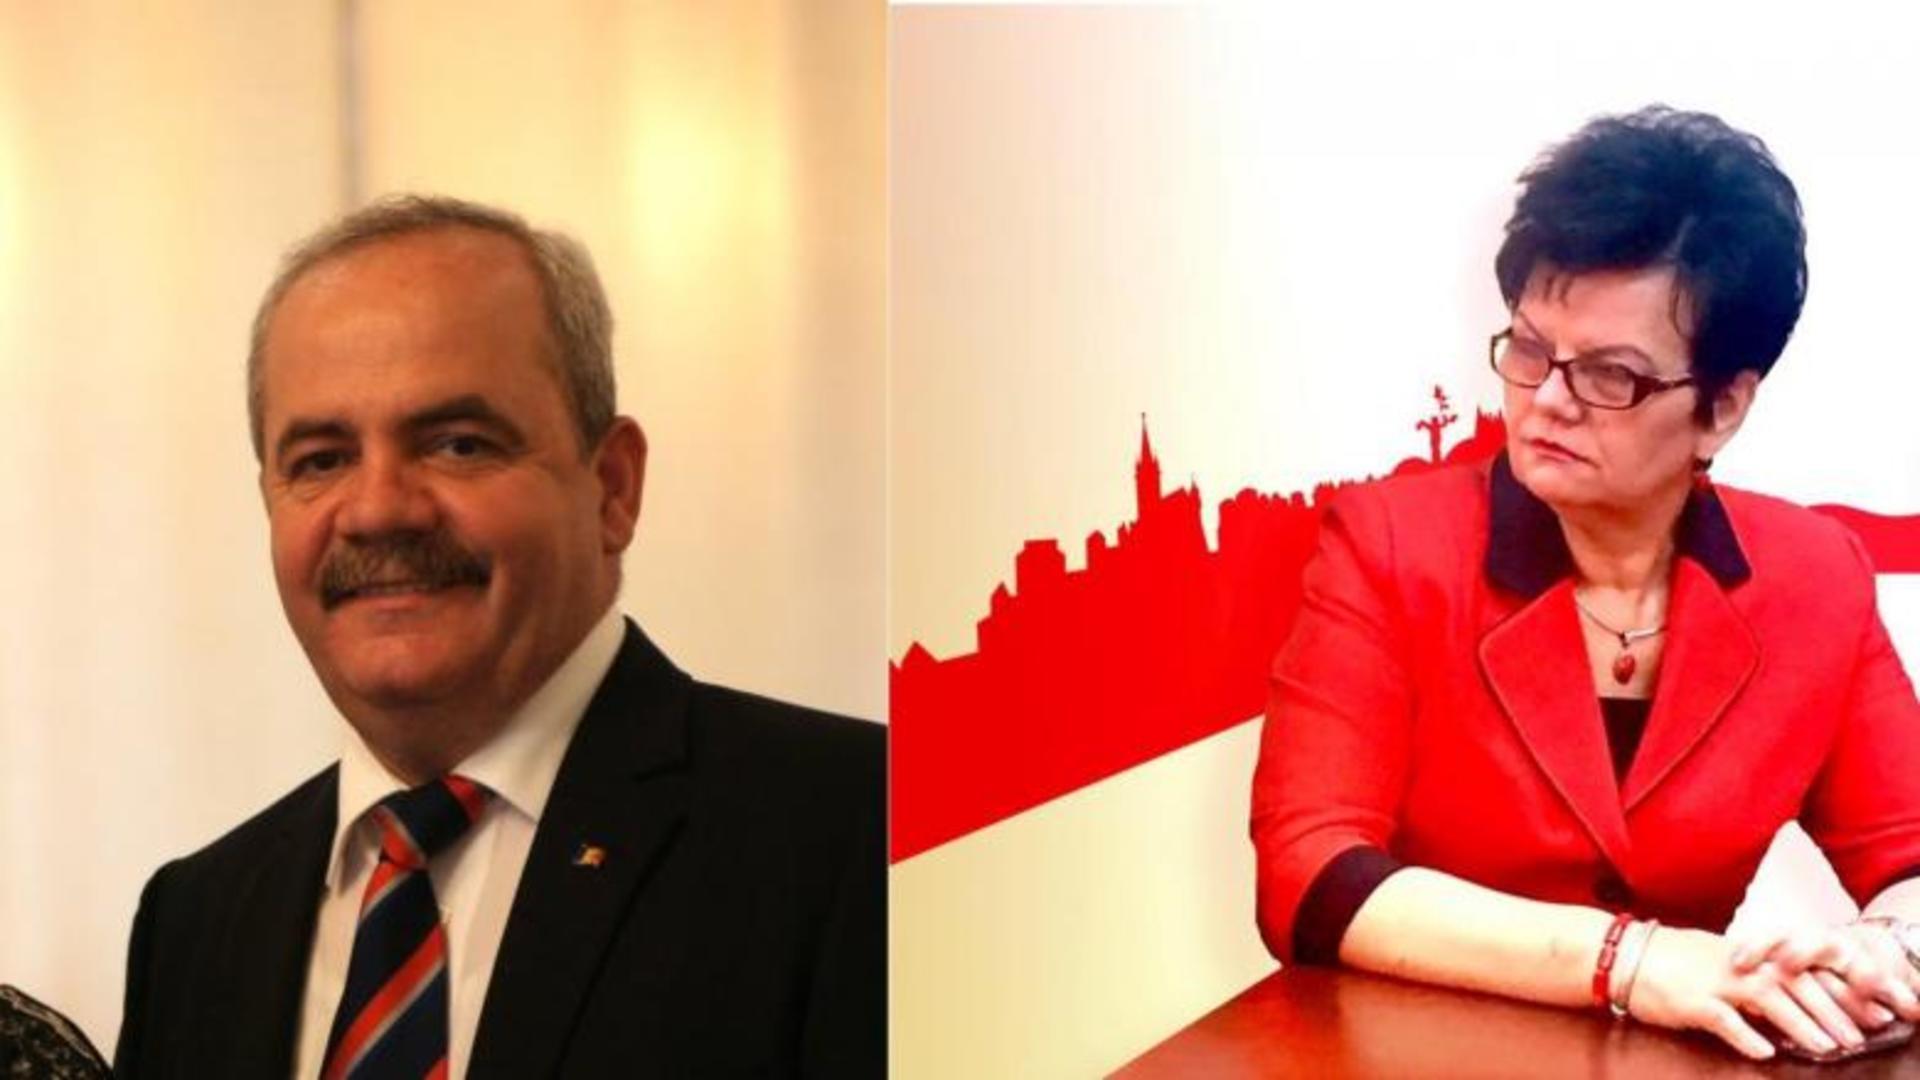 Doi lideri PSD au primit interdicție să candideze la alegerile locale. Decizie definitivă a instanțeiDoi lideri PSD au primit interdicție să candideze la alegerile locale. Decizie definitivă a instanței